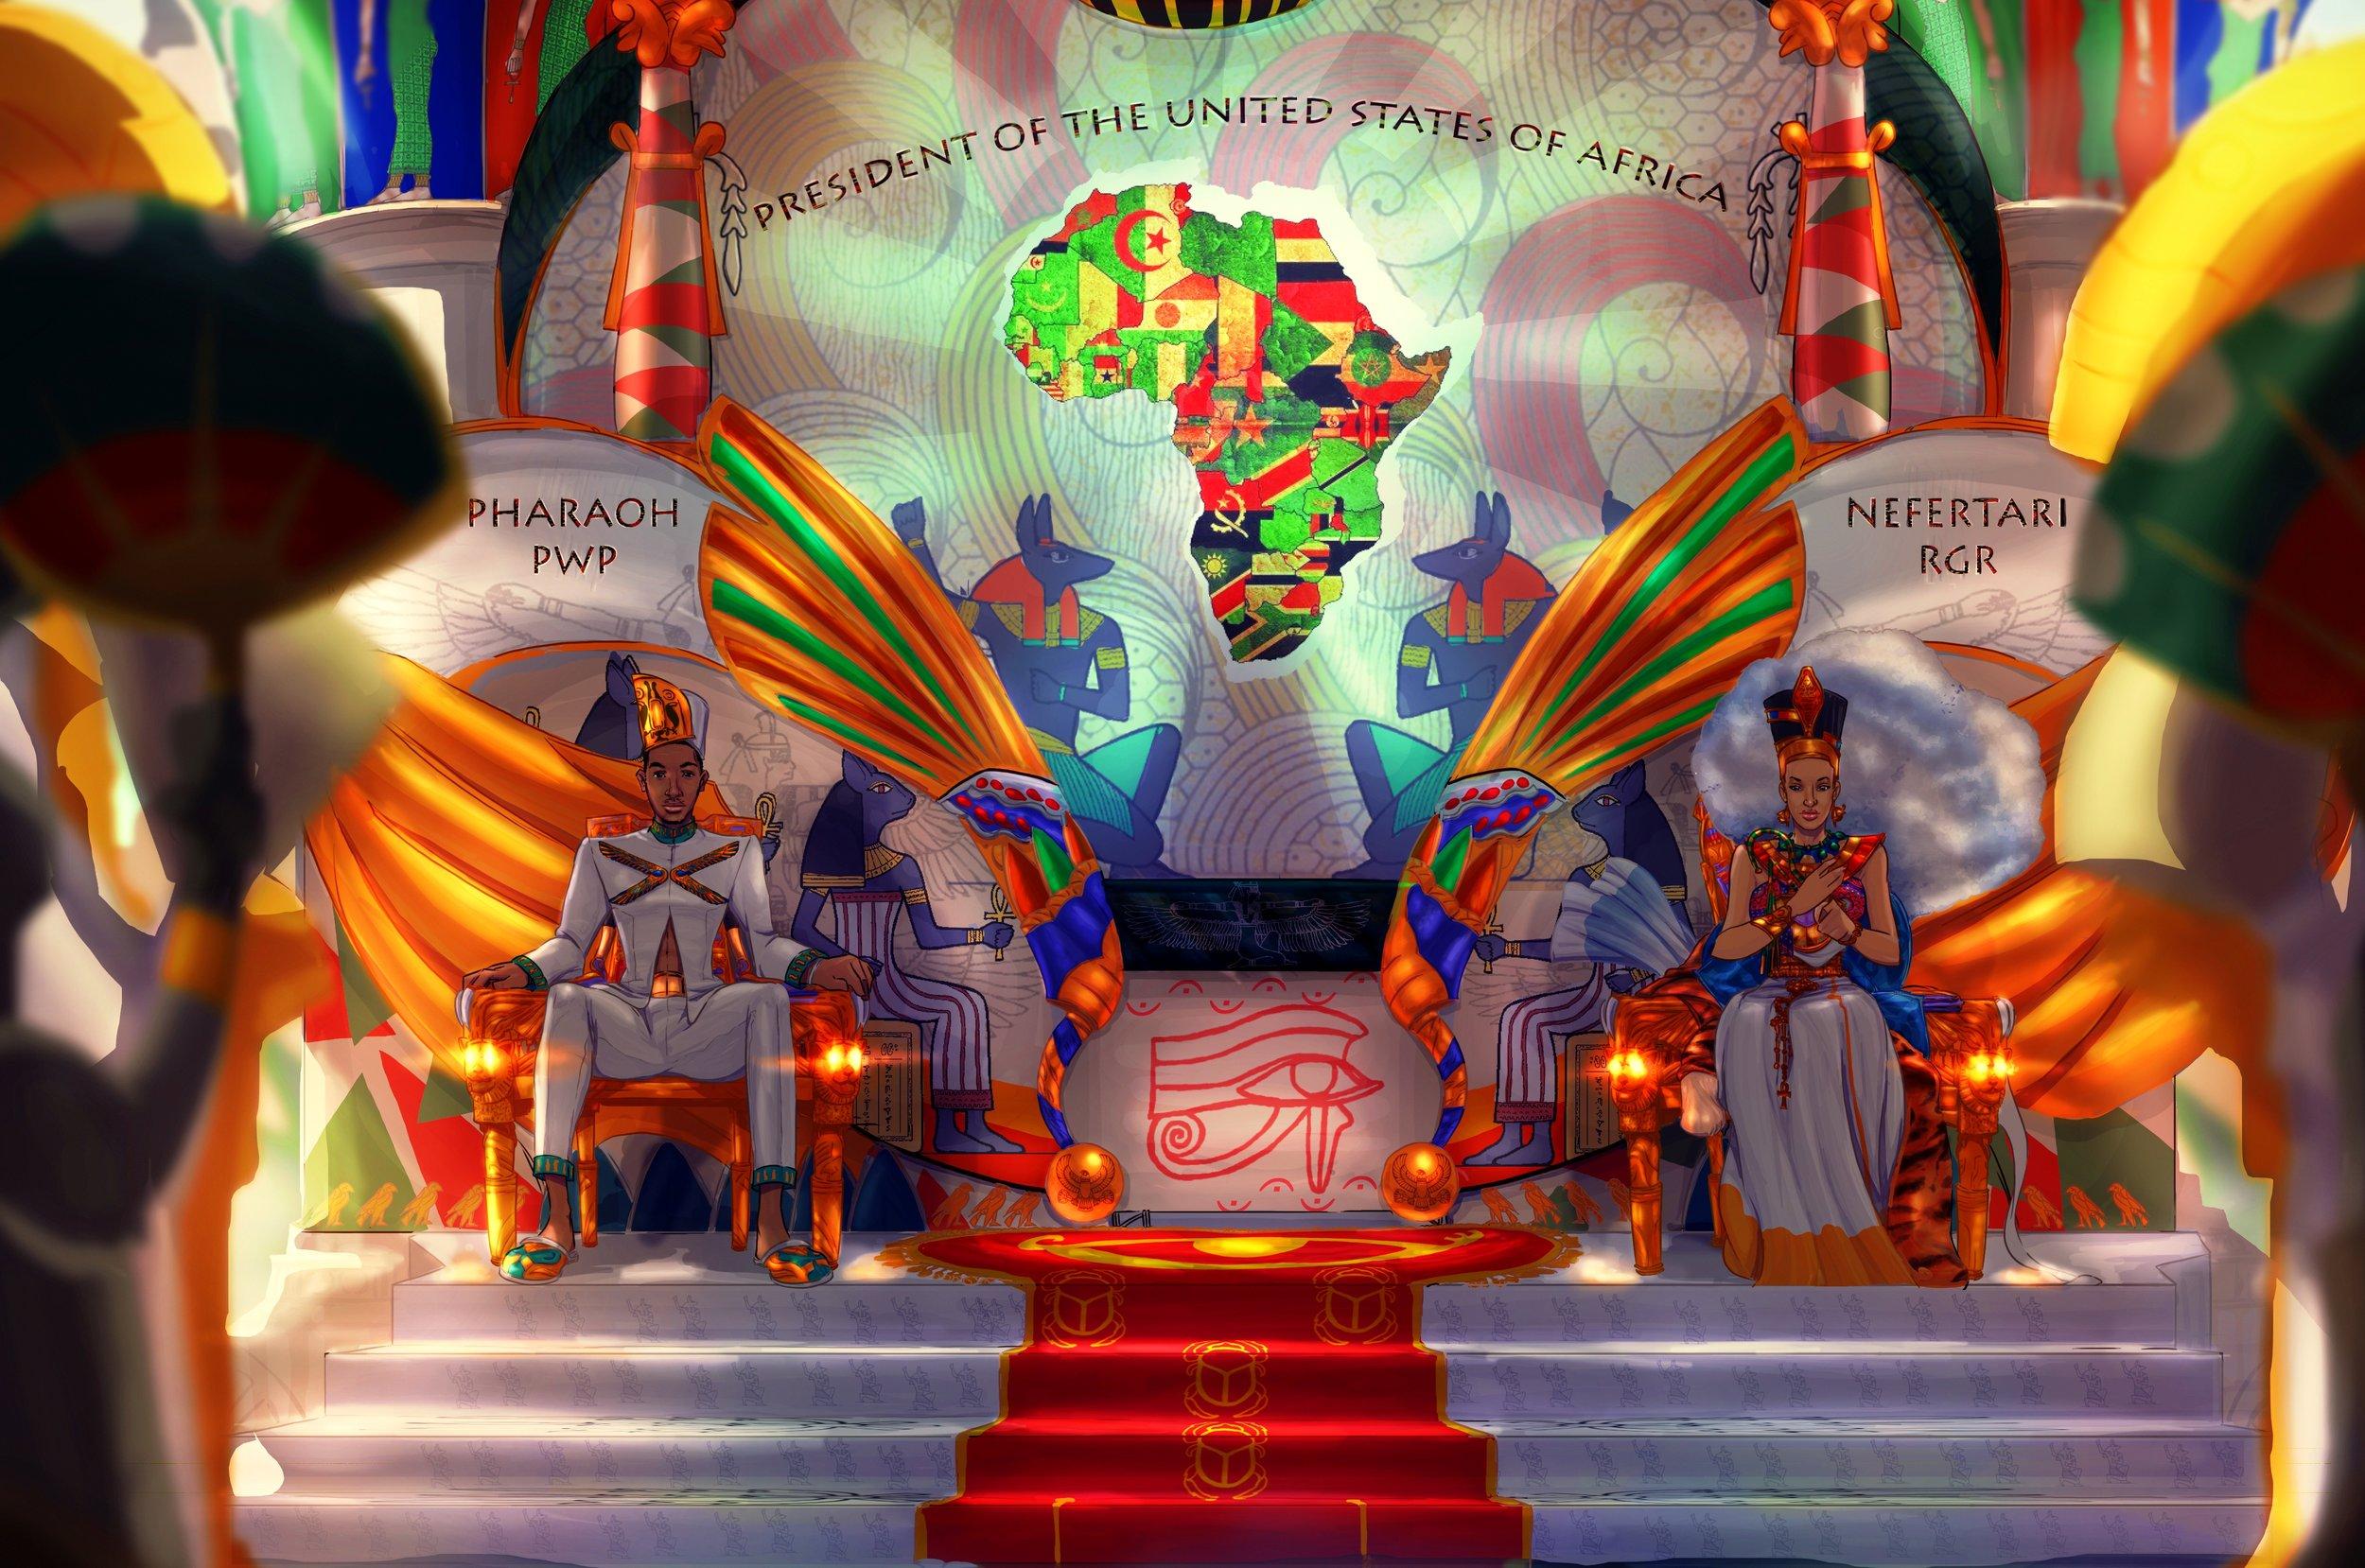 Pharaoh - Copy.jpg